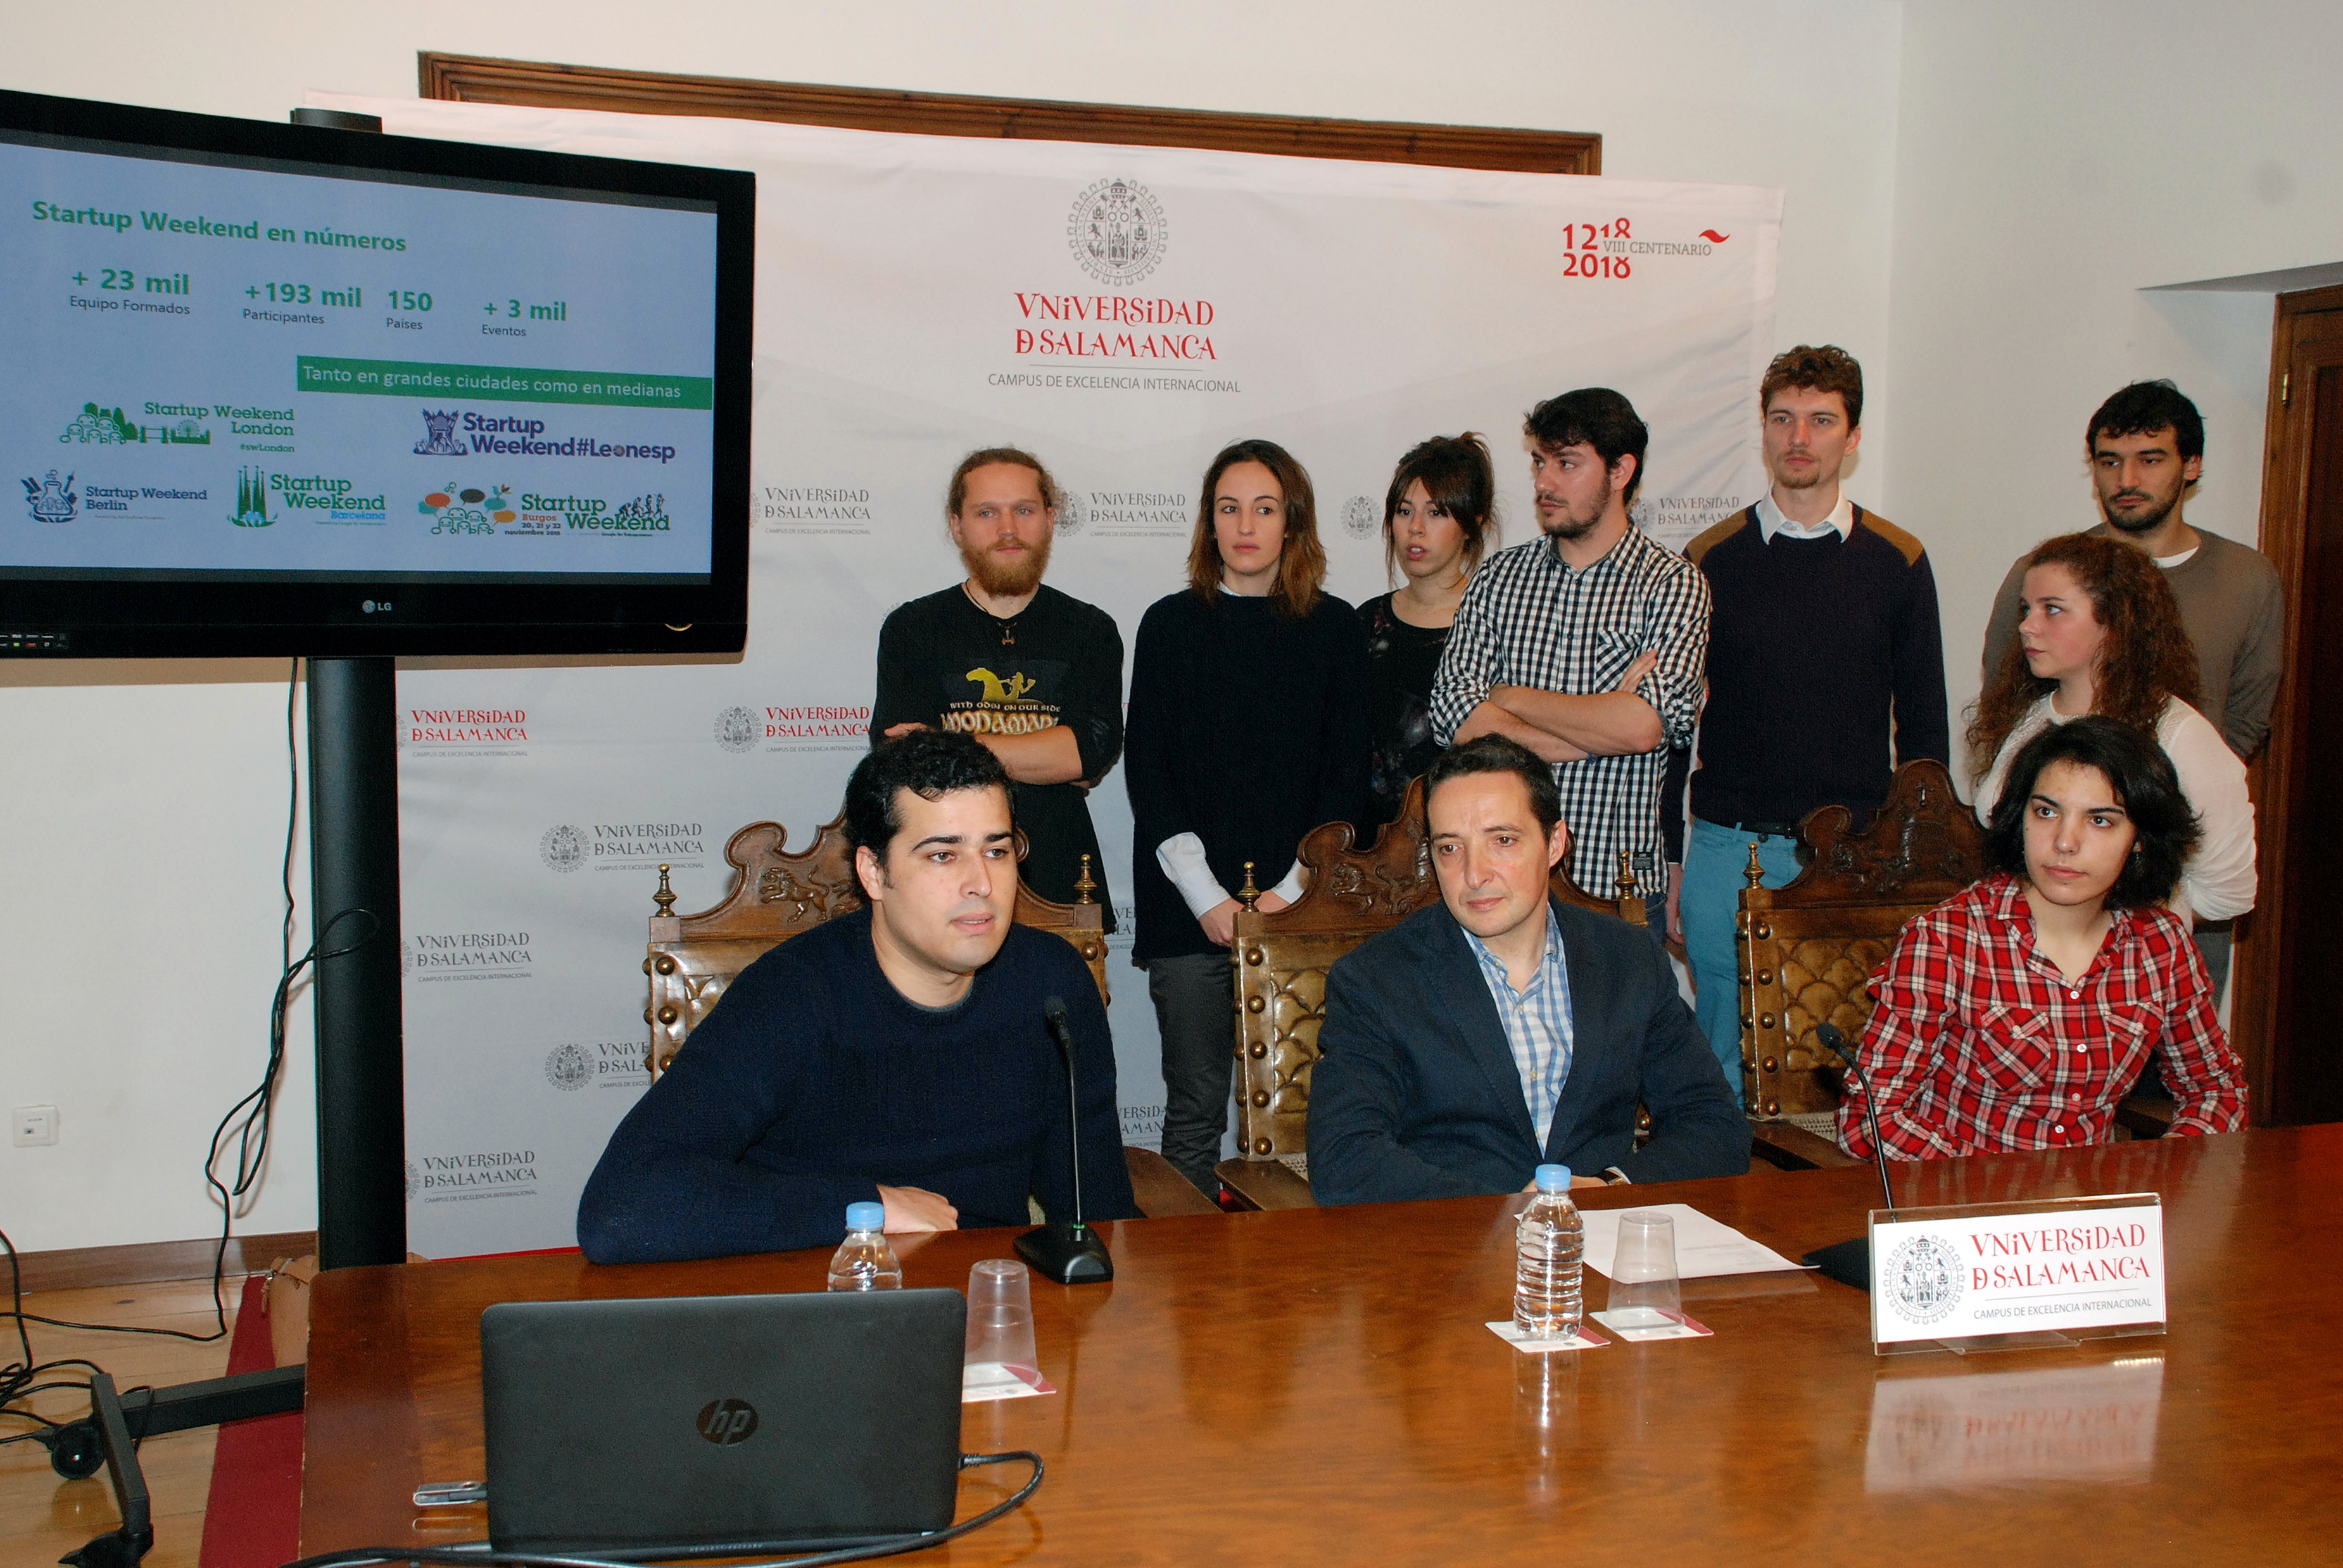 La Universidad de Salamanca acogerá el 'Startup Weekend Salamanca', el principal programa mundial de emprendimiento